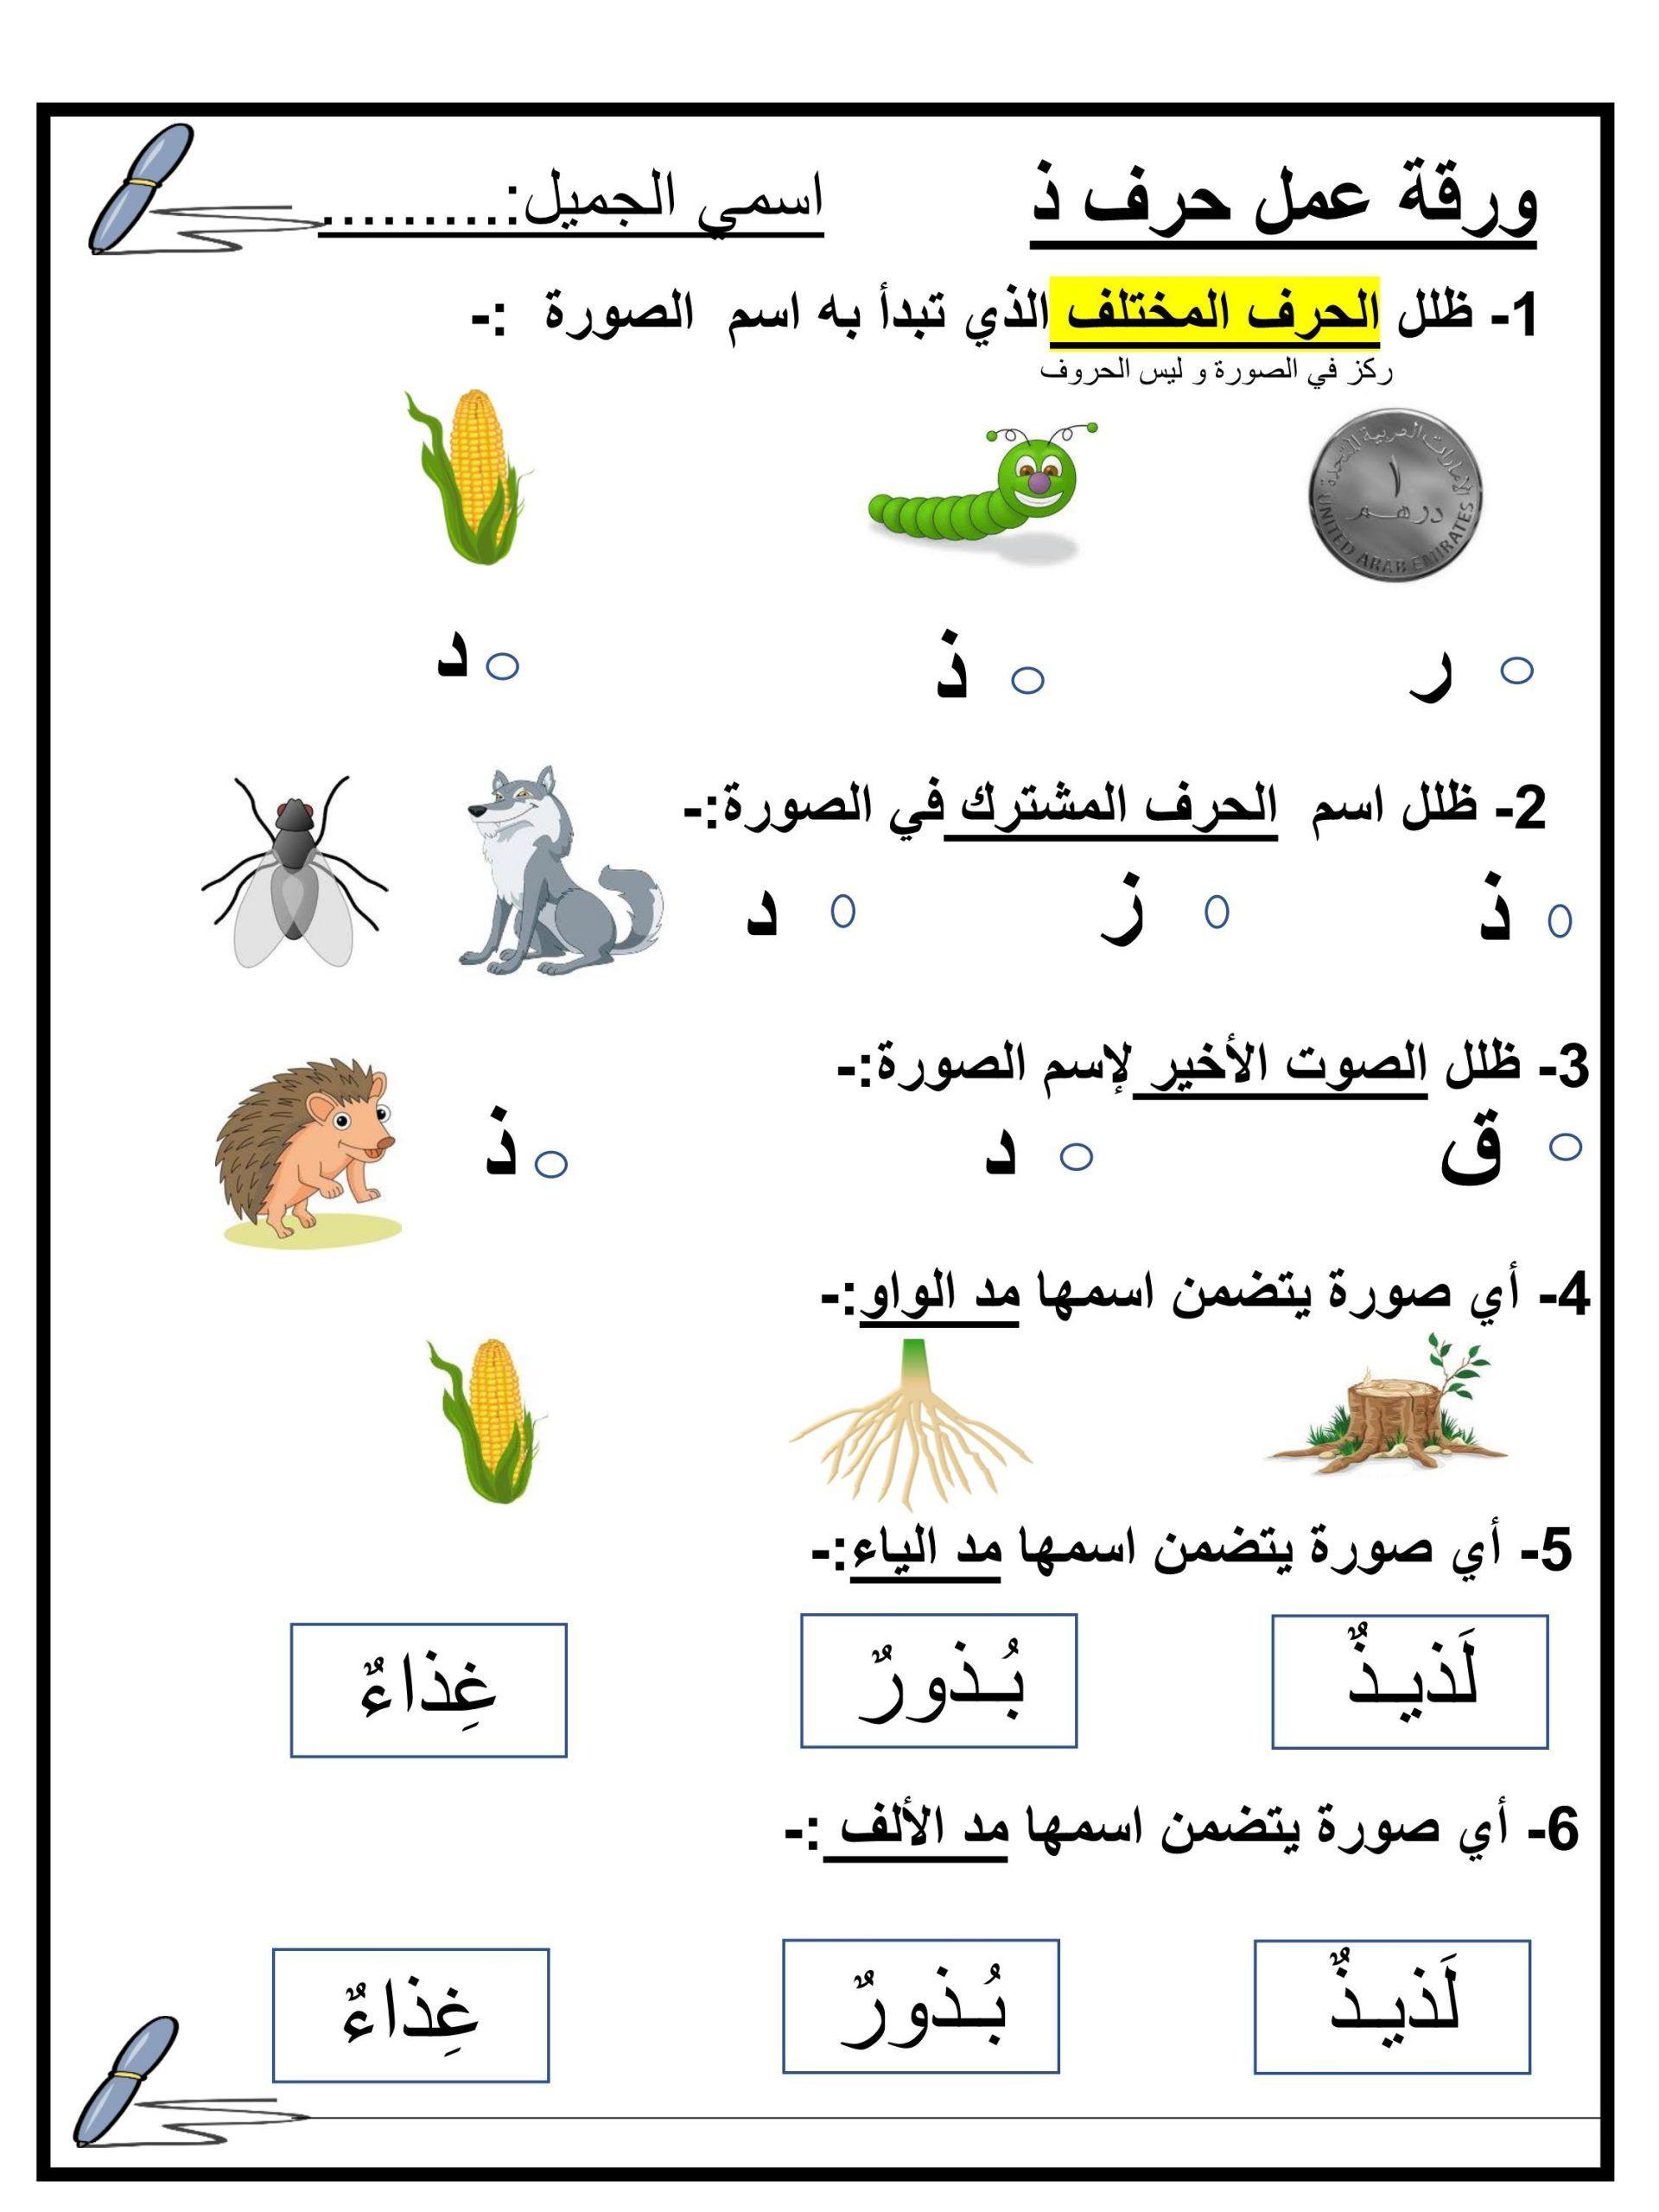 مجموعة كلمات بحرف الذال حروف اللغة العربية Mario Characters Character Fictional Characters